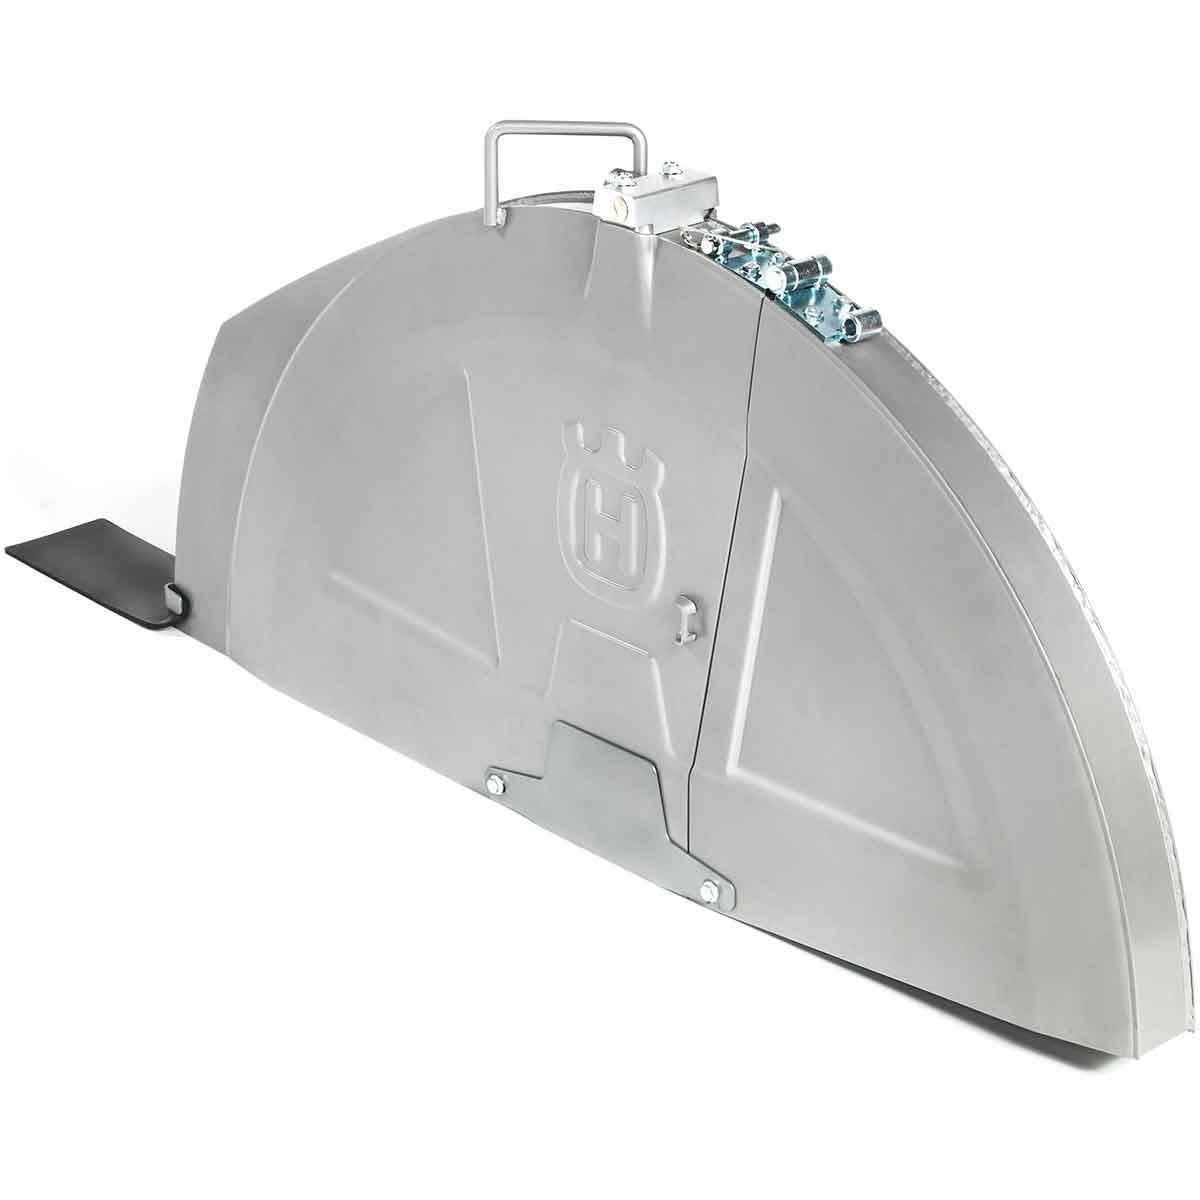 Husqvarna FS 5000 D blade guard